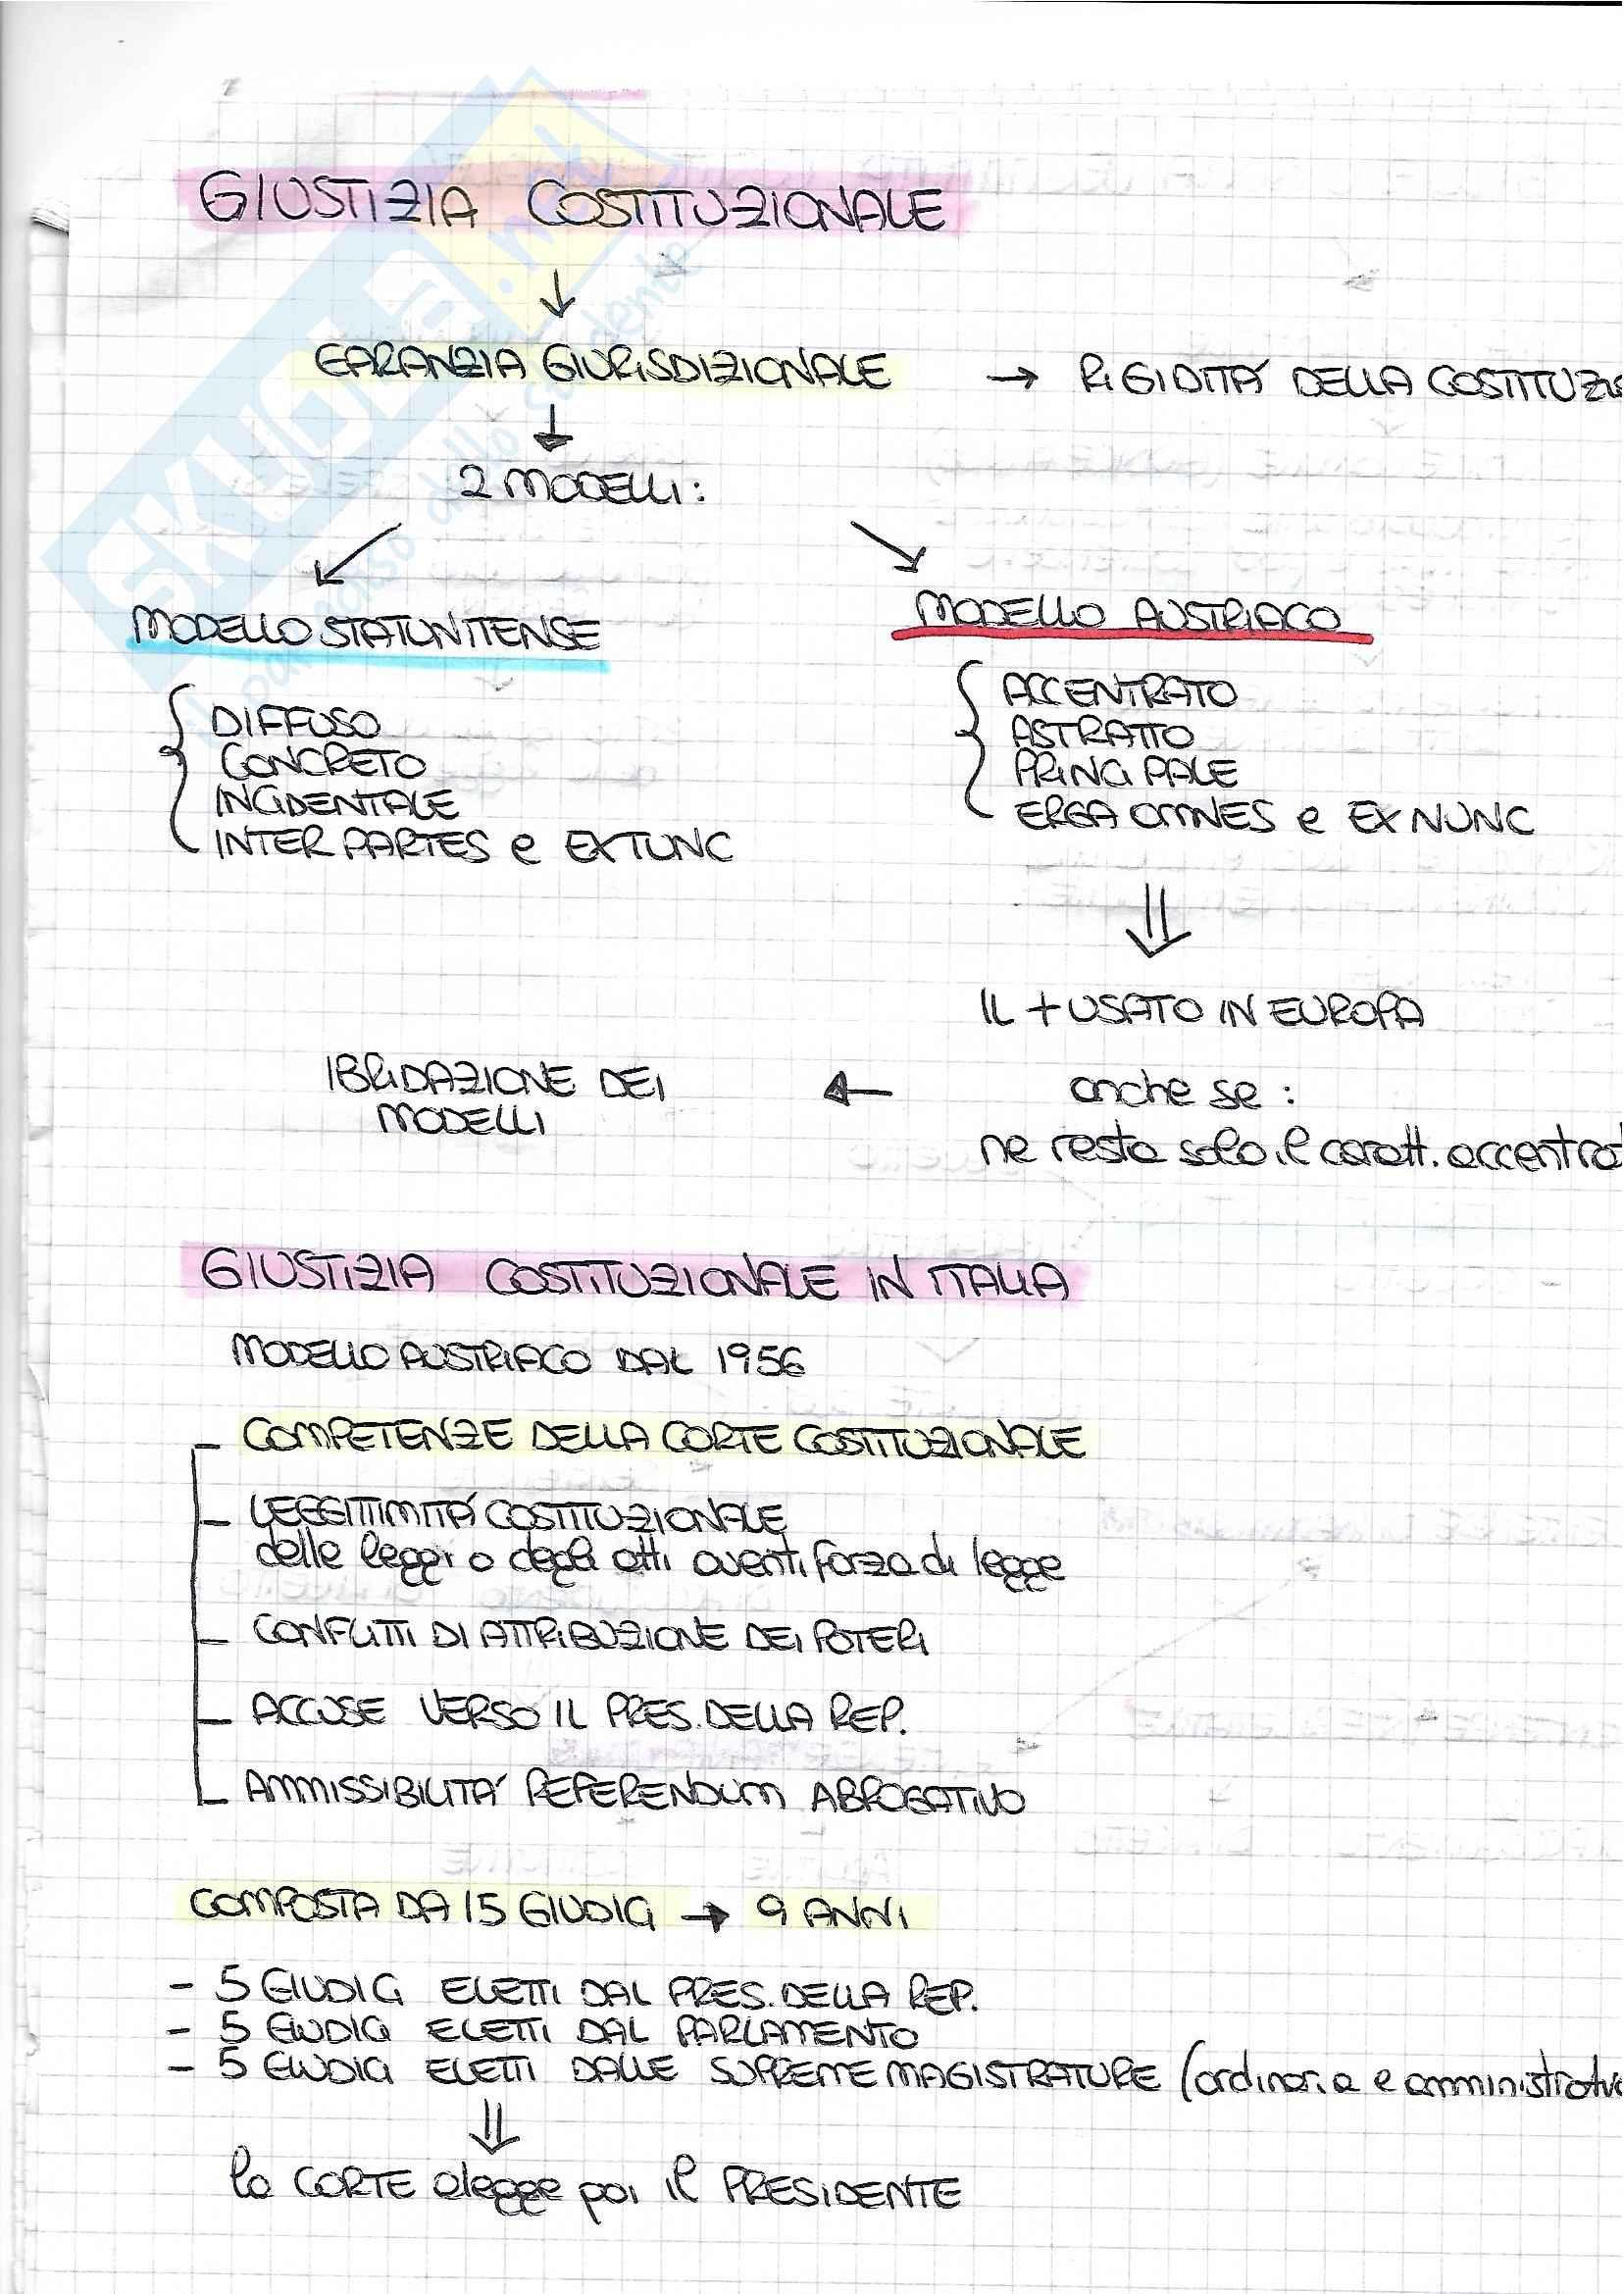 Schemi sintetici di diritto pubblico Pag. 16